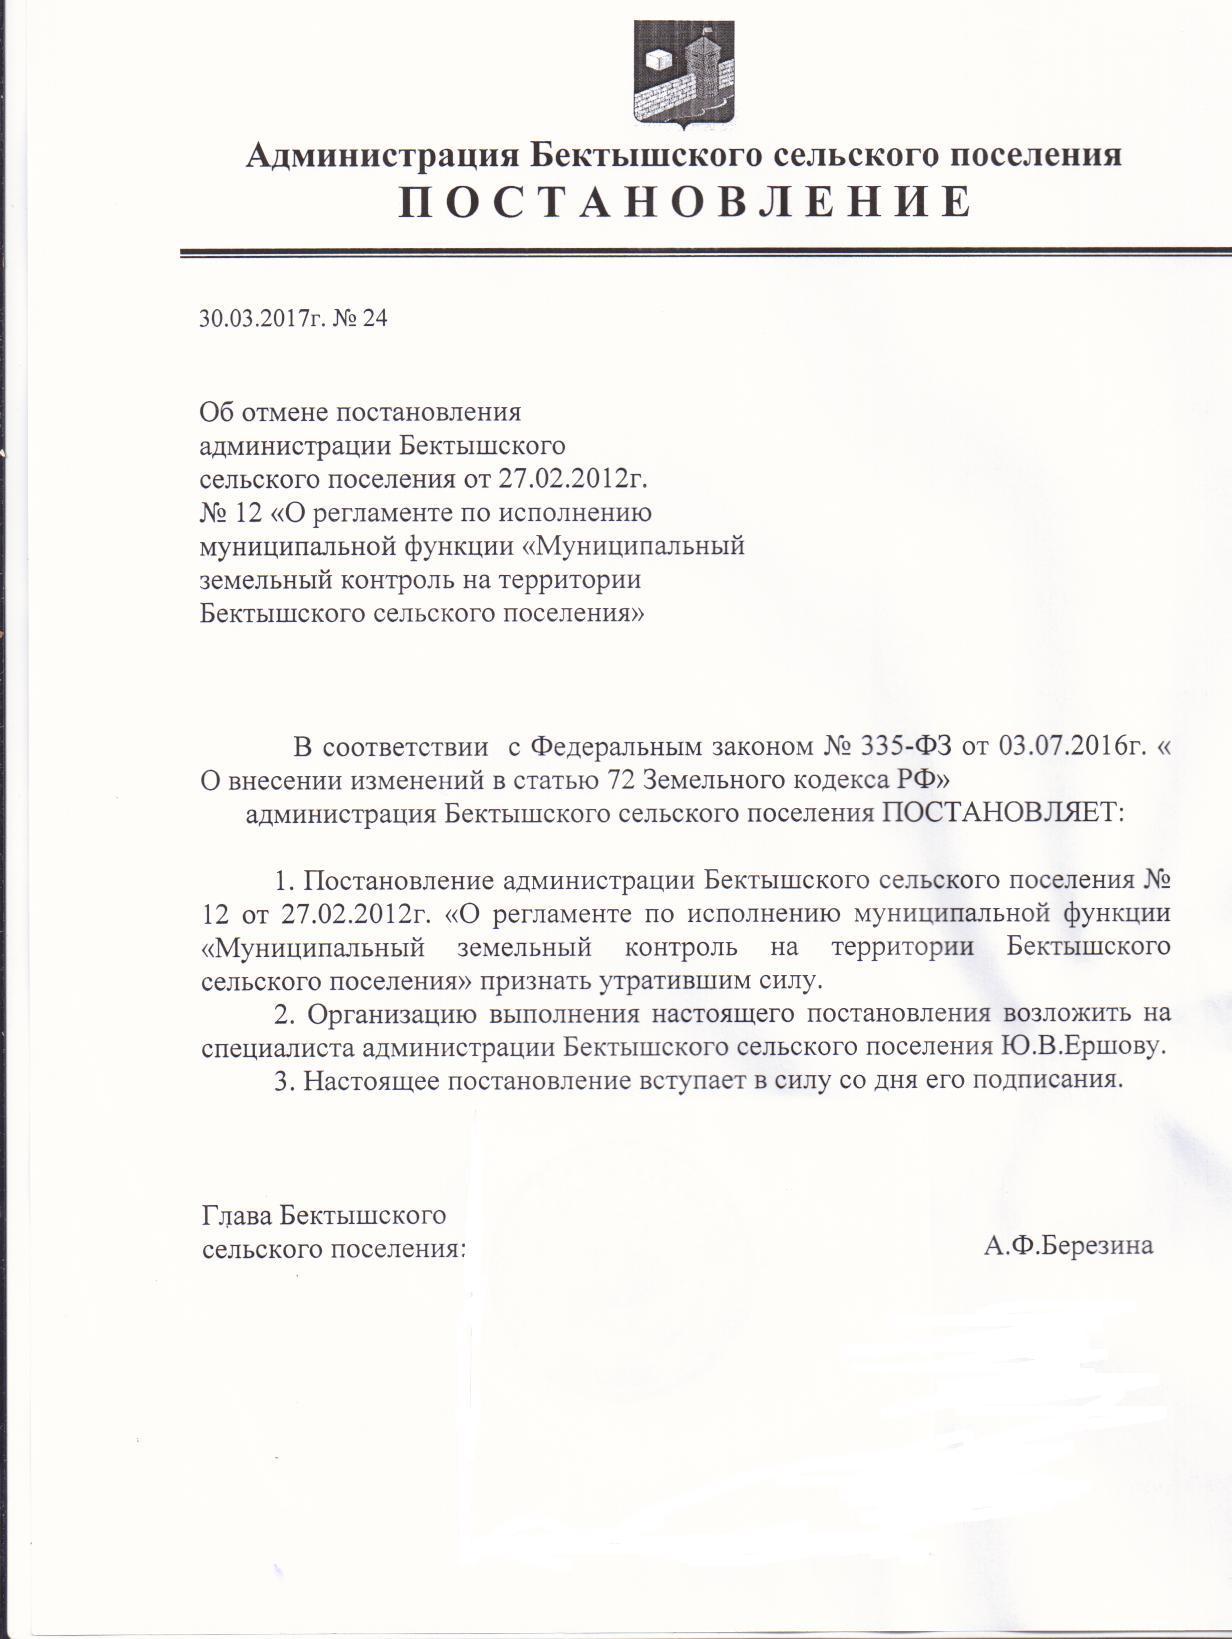 Инструкция по осуществлению муниципального земельного контроля